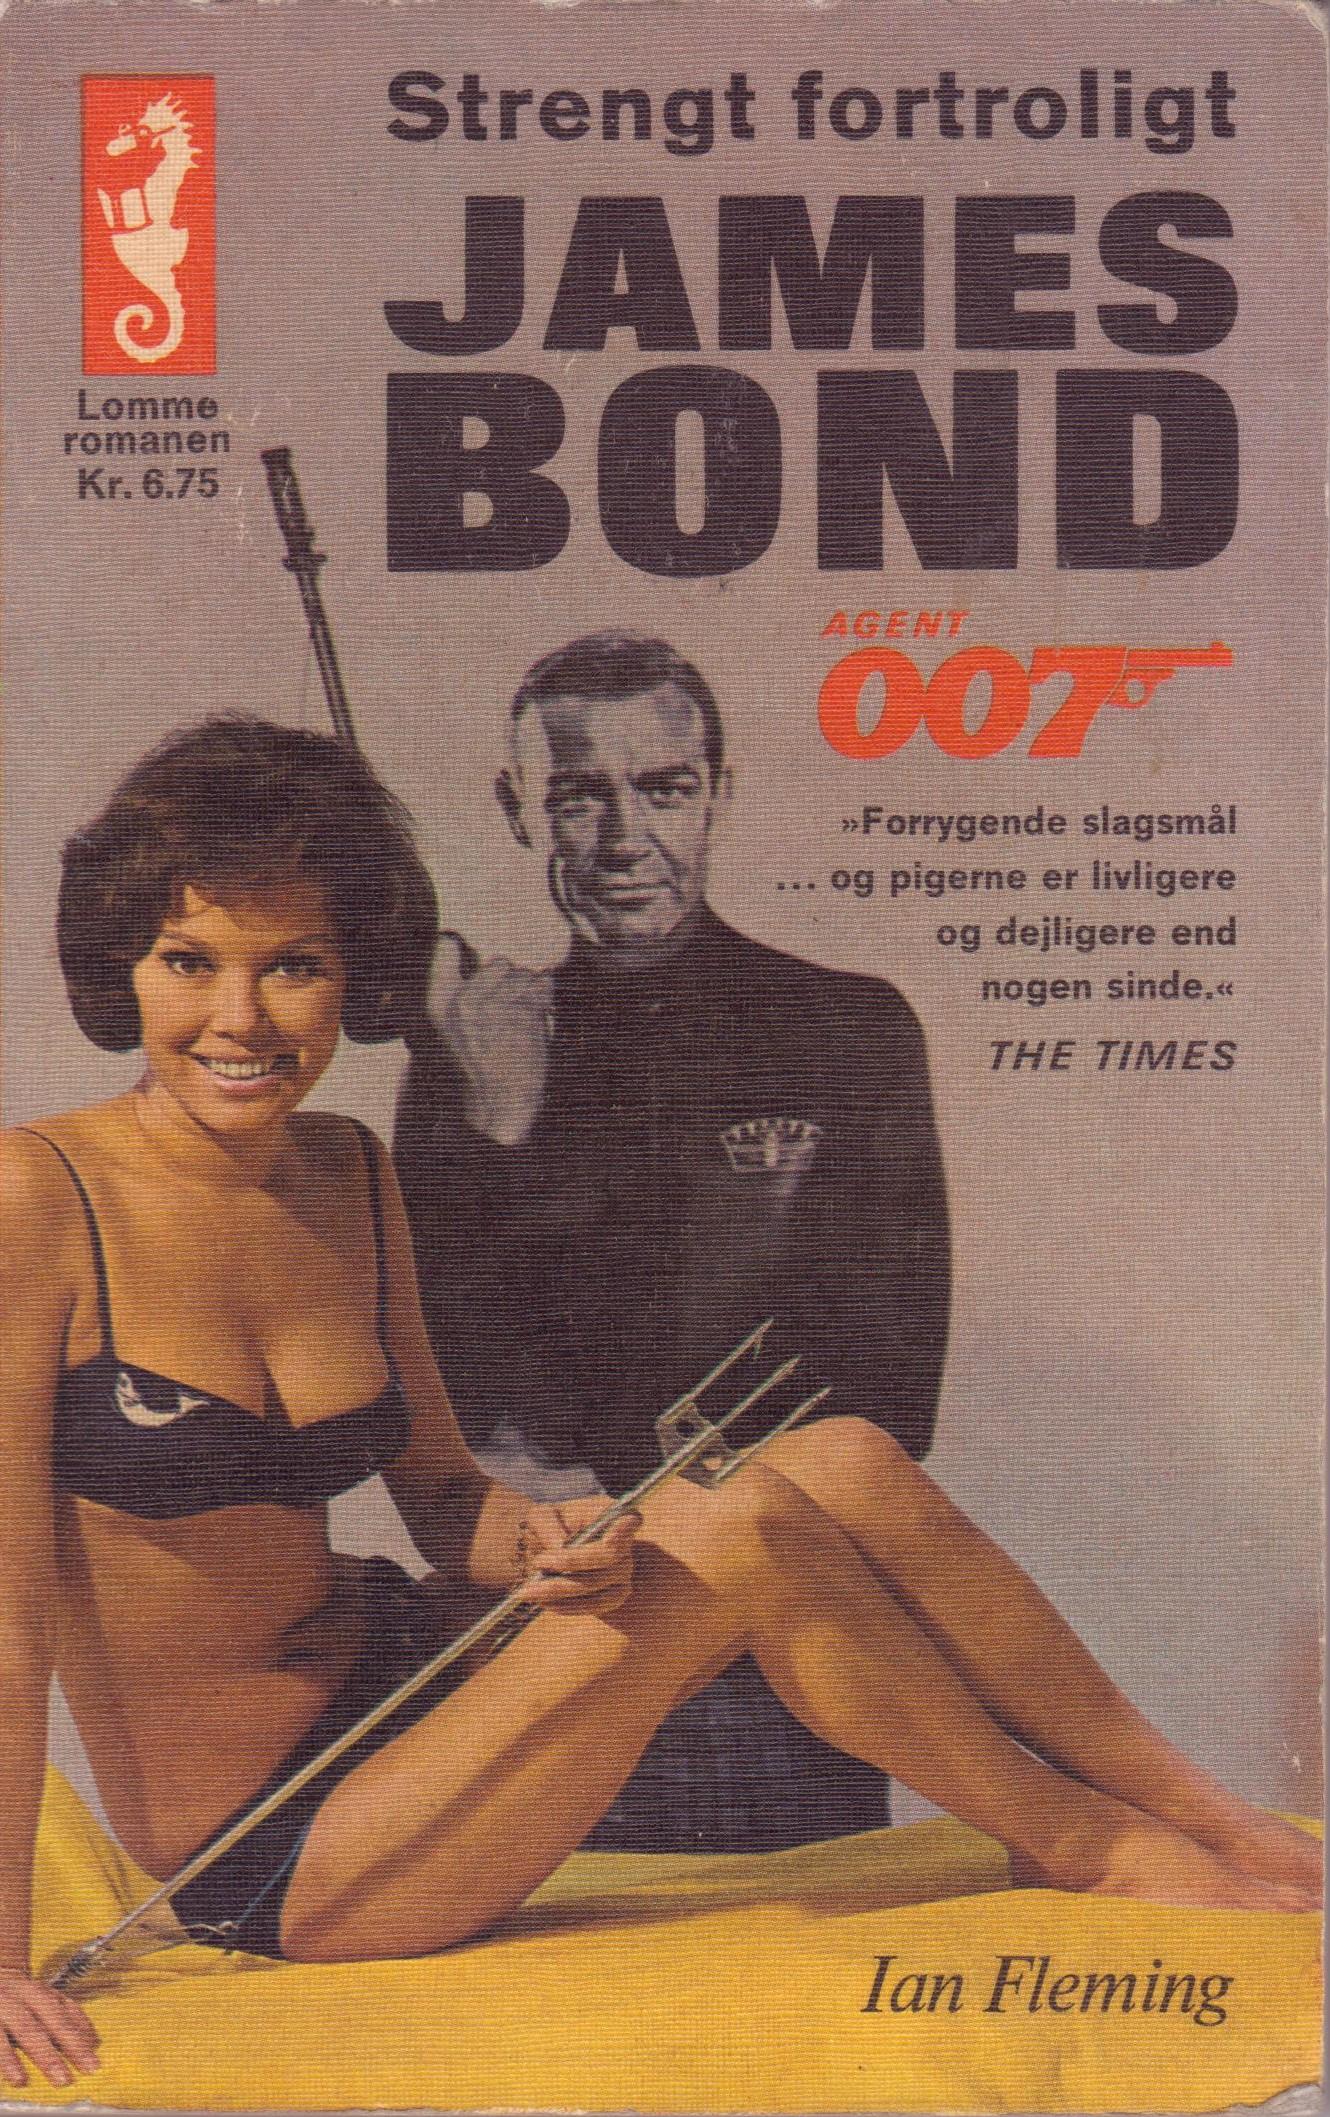 Strengt fortroligt - James Bond (Skrifola 1966)